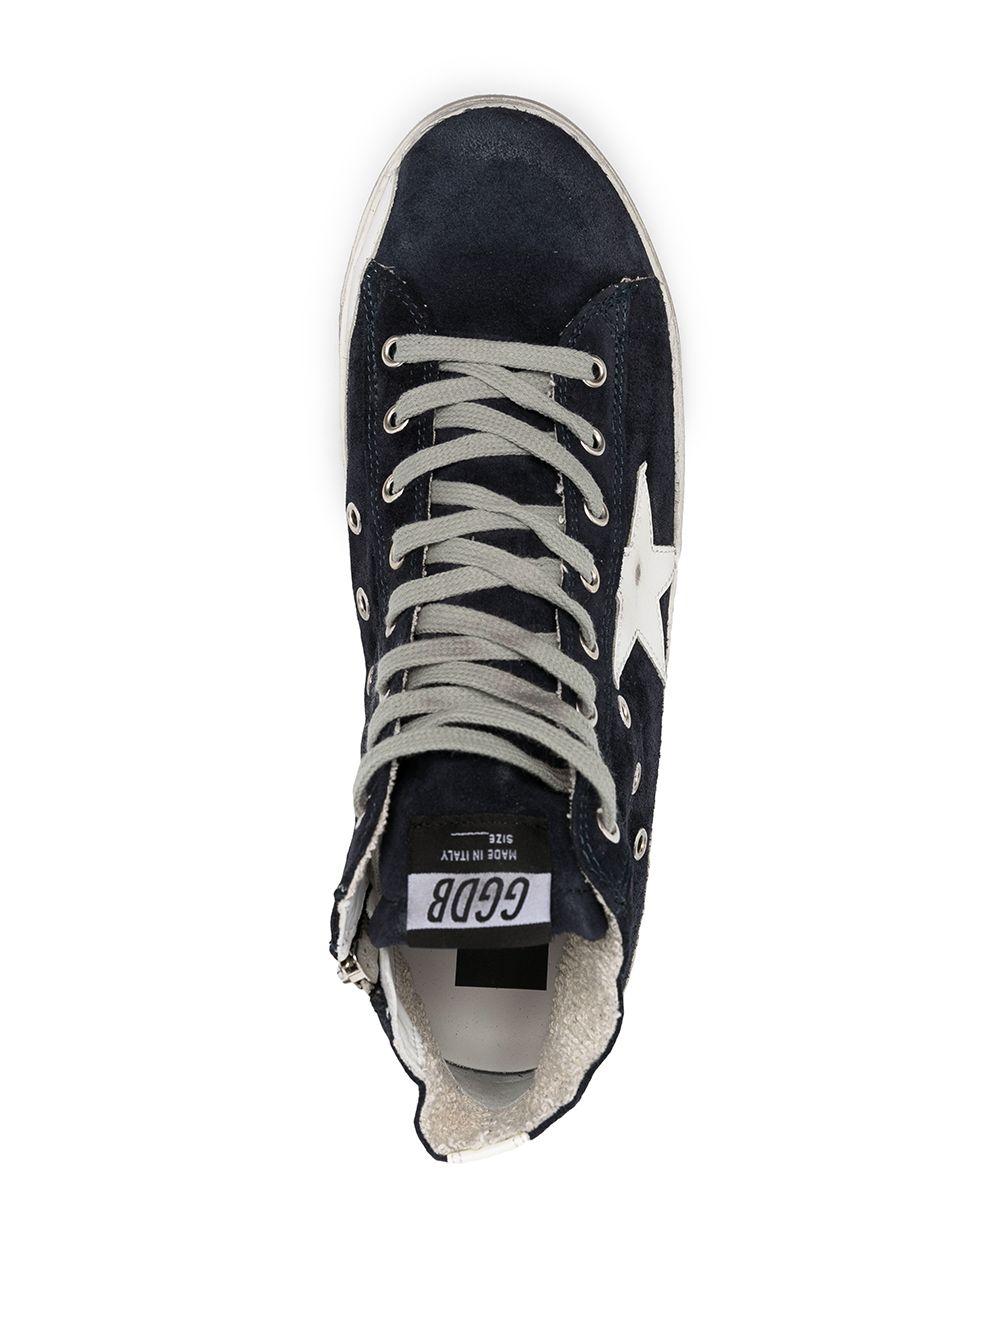 Picture of Golden Goose Deluxe Brand   Francy Hi-Top Sneakers